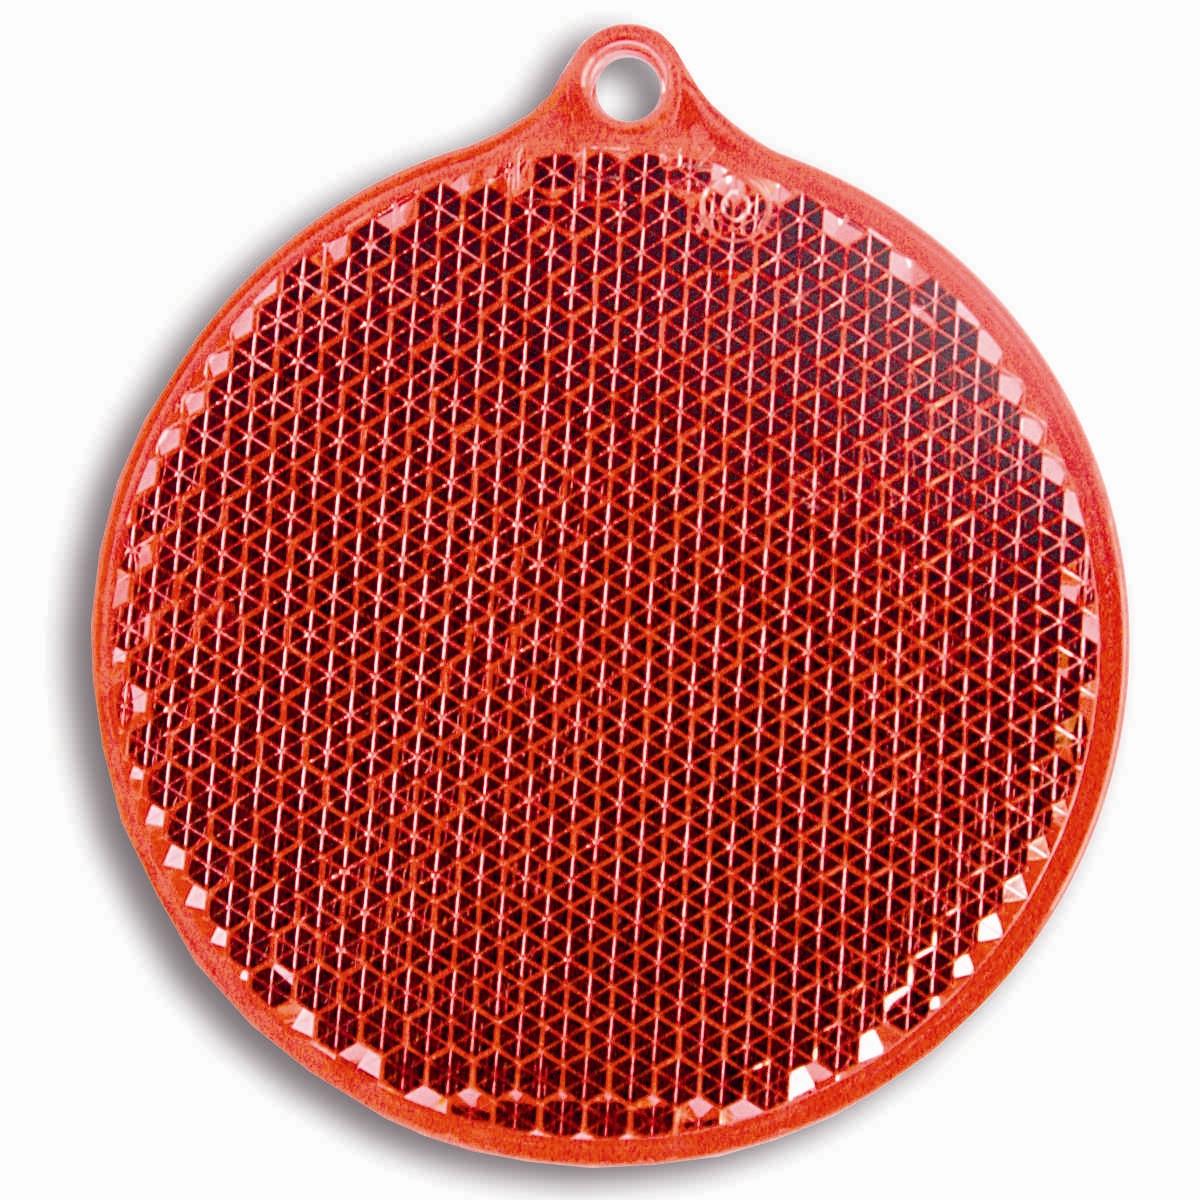 Светоотражатель пешеходный Coreflect Круг, цвет: красный118689Пешеходный светоотражатель — это серьезное средство безопасности на дороге. Использование светоотражателей позволяет в десятки раз сократить количество ДТП с участием пешеходов в темное время суток. Светоотражатель крепится на одежду и обладает способностью к направленному отражению светового потока. Благодаря такому отражению, водитель может вовремя заметить пешехода в темноте, даже если он стоит или двигается по обочине. А значит, он успеет среагировать и избежит возможного столкновения. С 1 июля 2015 года ношение светоотражателей вне населенных пунктов является обязательным для пешеходов! Мы рекомендуем носить их и в городе! Для безопасности и сохранения жизни!